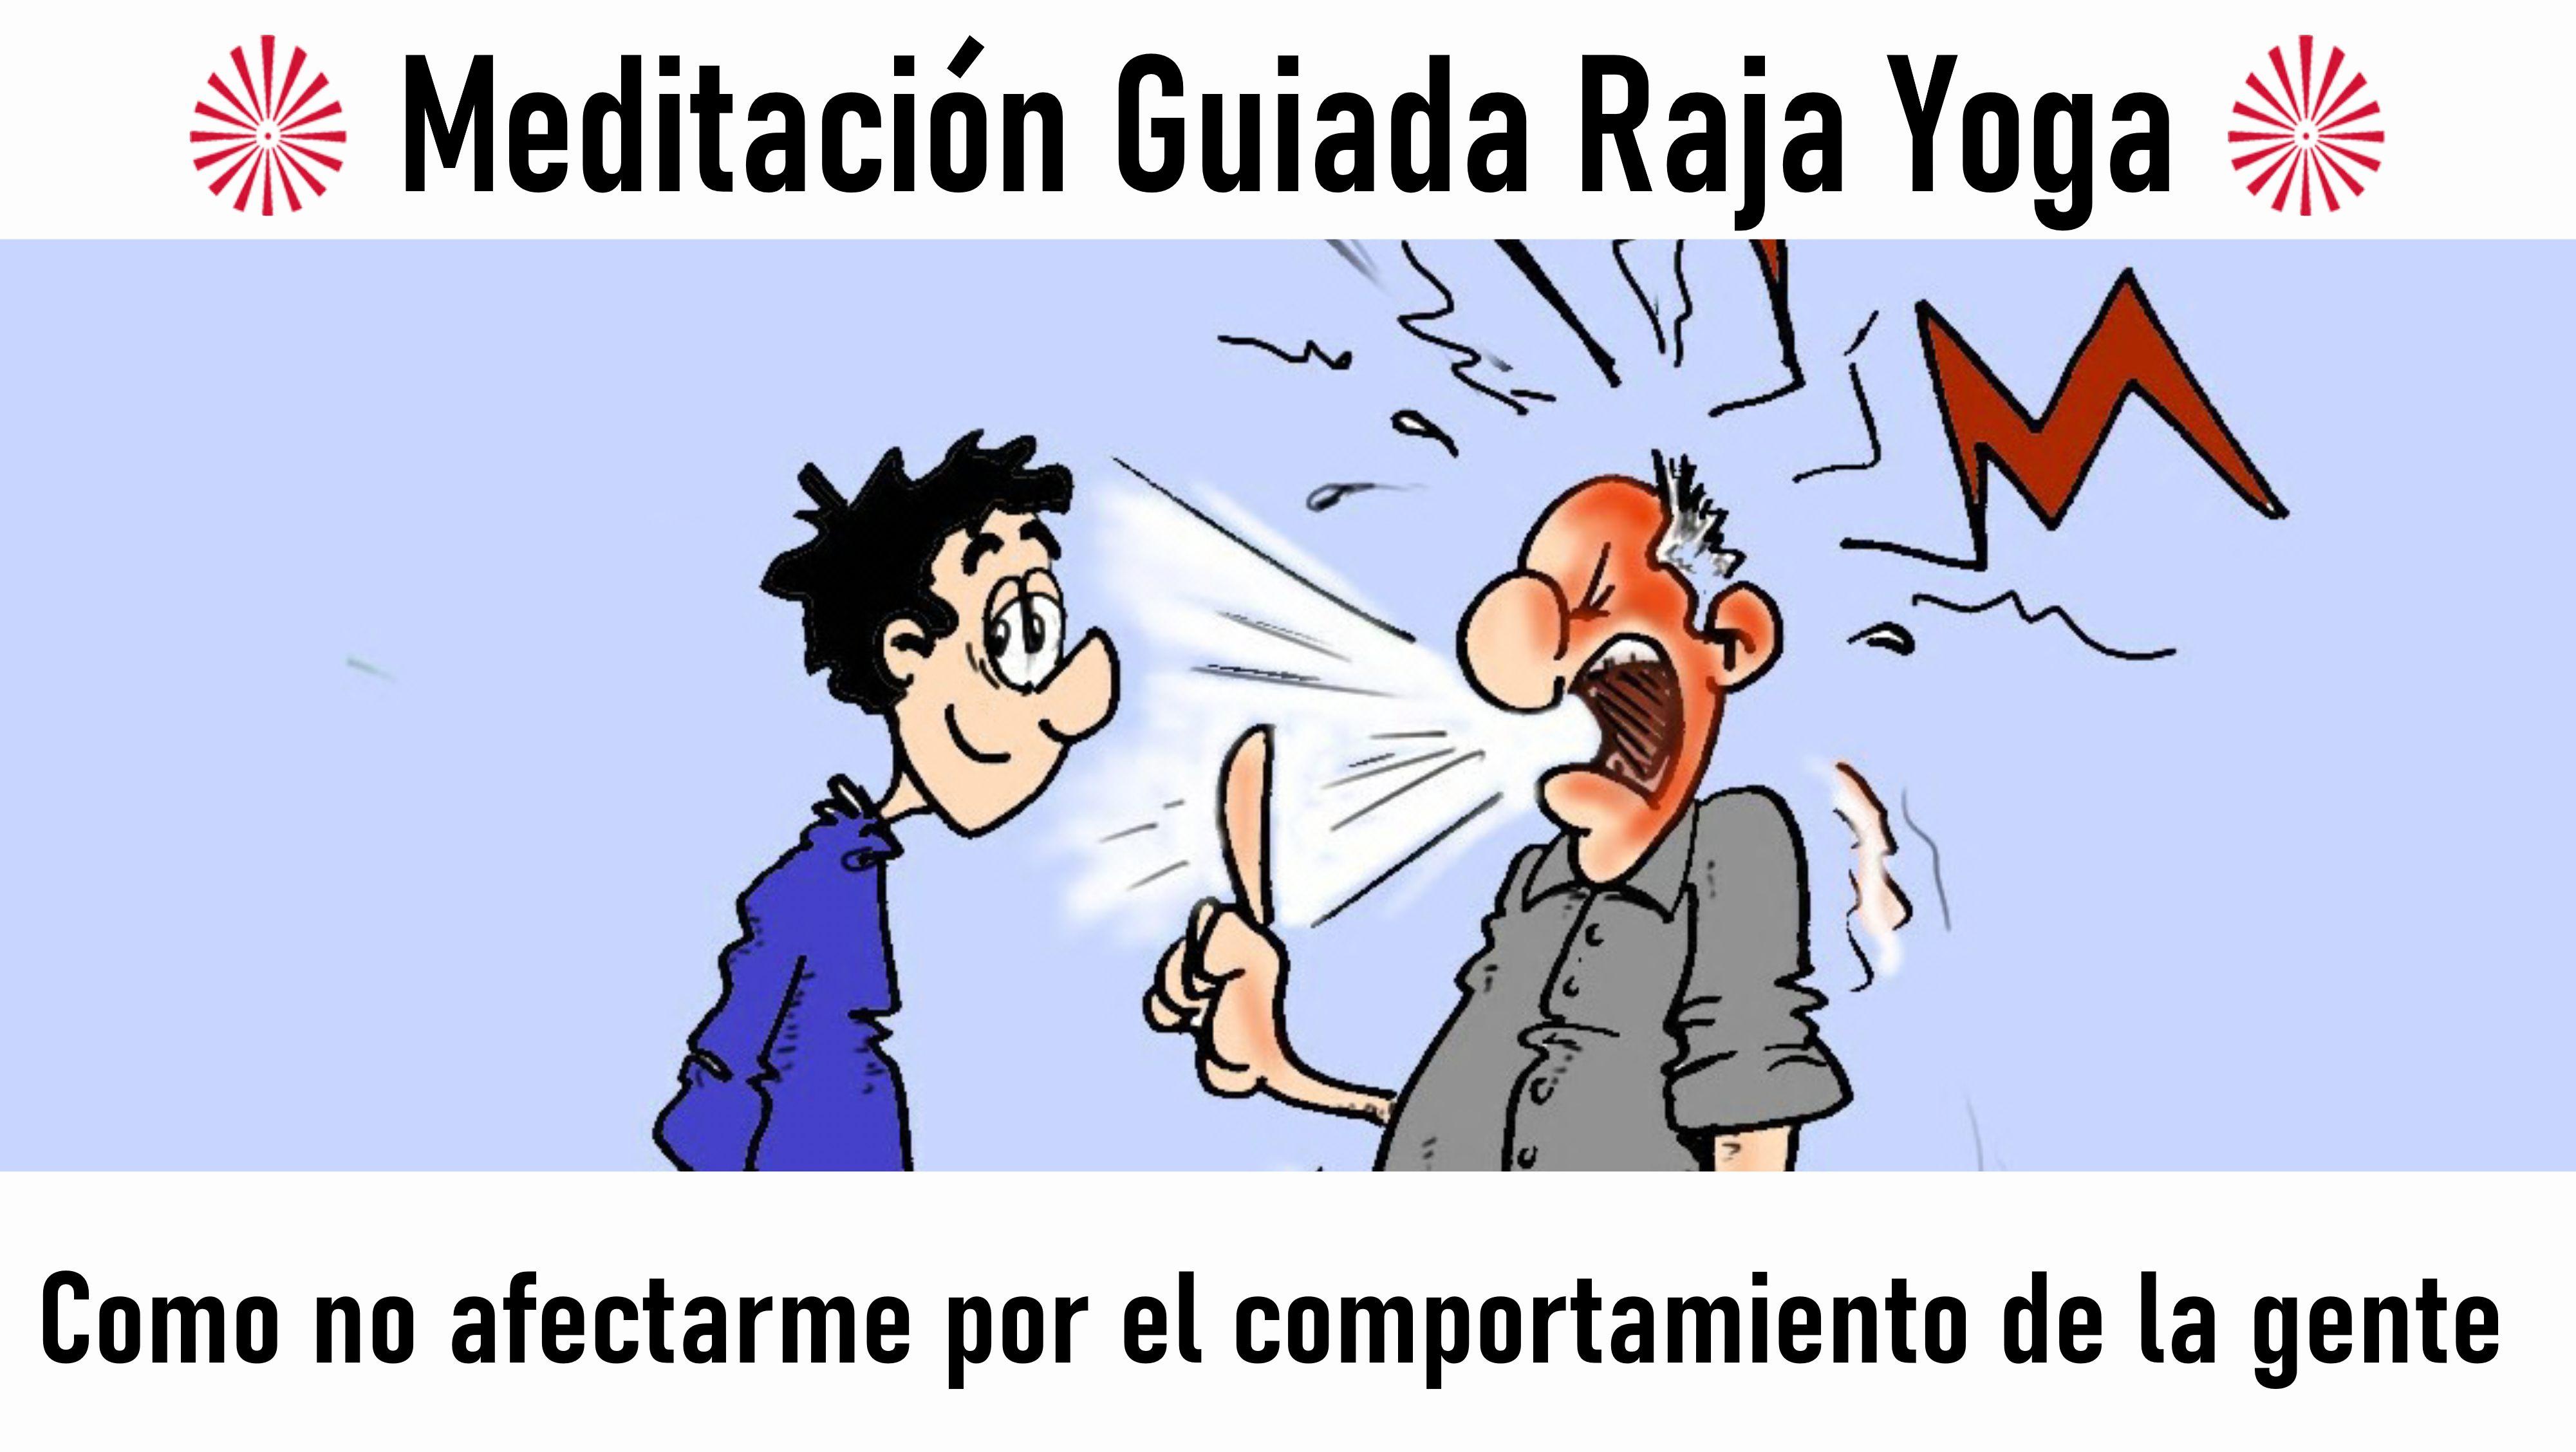 18 Julio 2020 Meditación guiada: Cómo no afectarme por el comportamiento de la gente